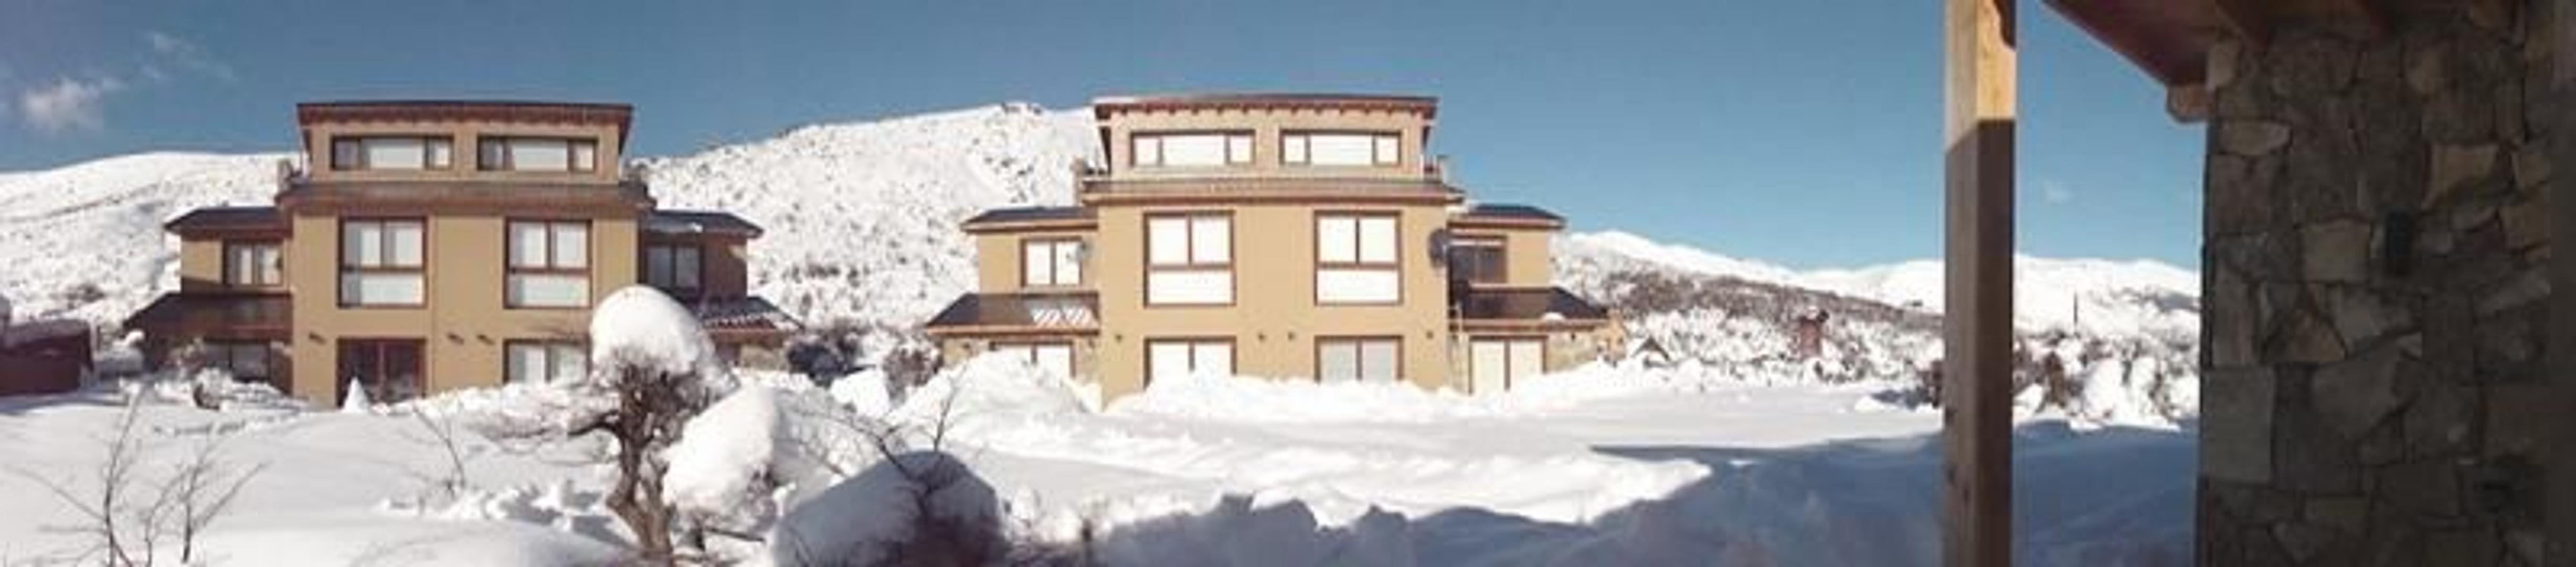 Alquiler turistico en el Cerro Excelentes departamentos duplex/triplex  Pileta climatizada y quincho